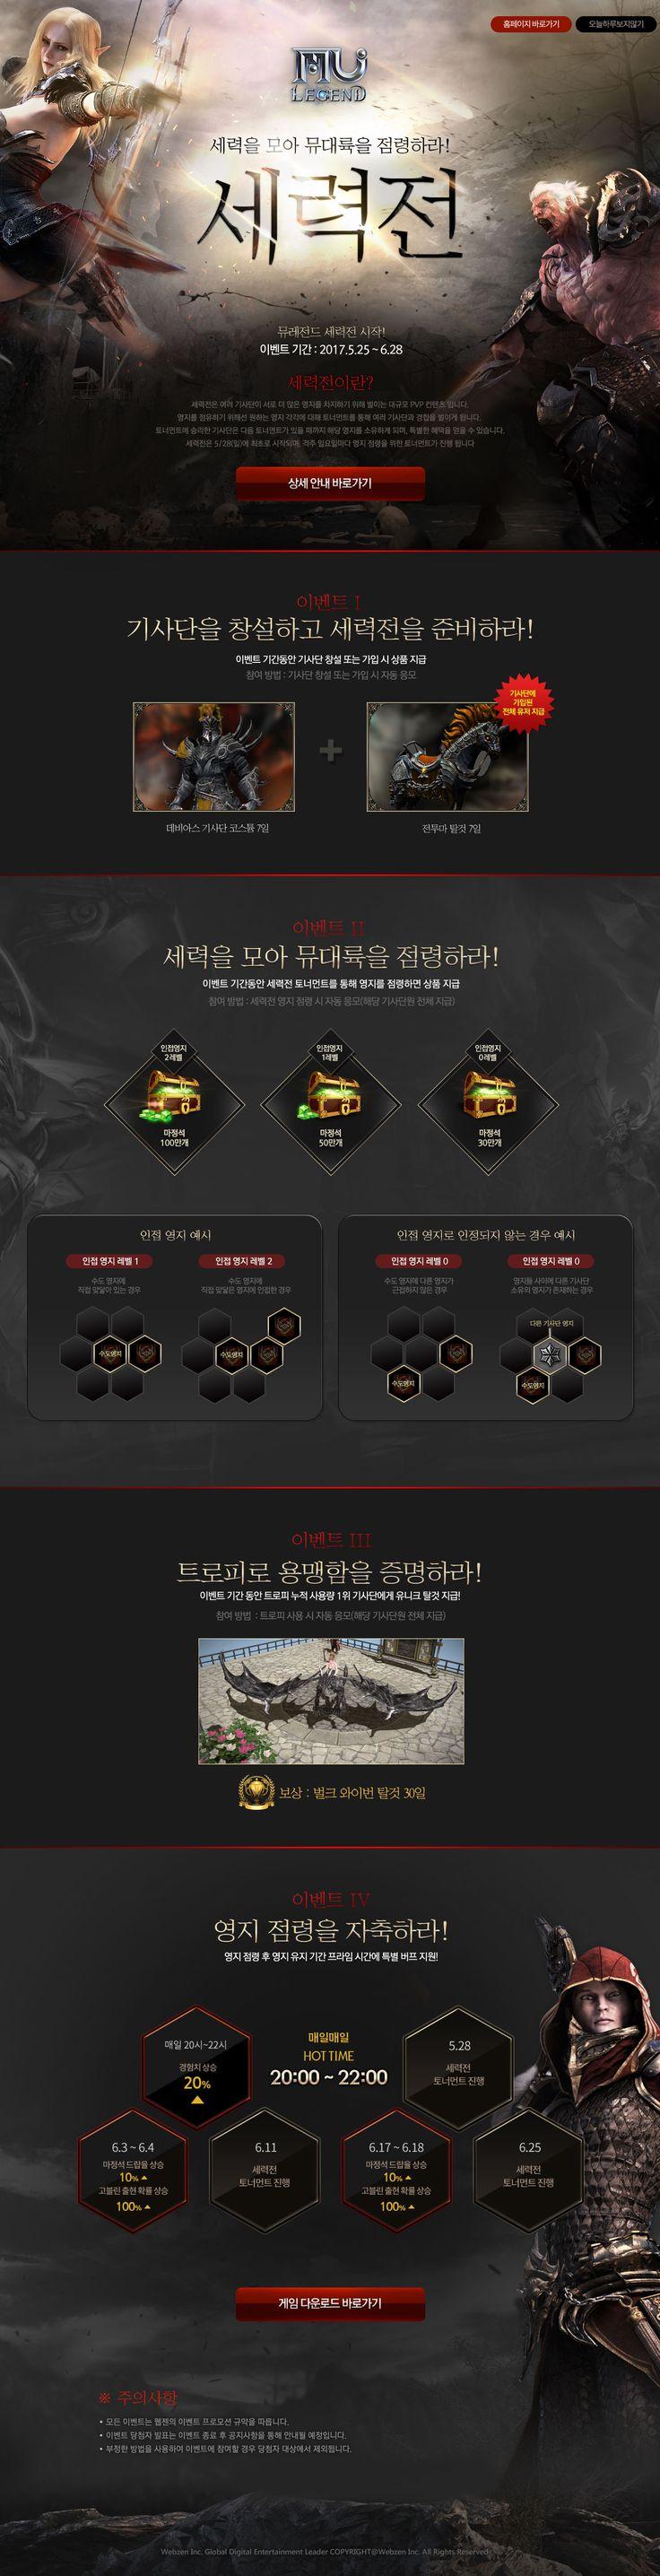 세력전 - 핵앤슬래시, 완성되다! - 뮤 레전드